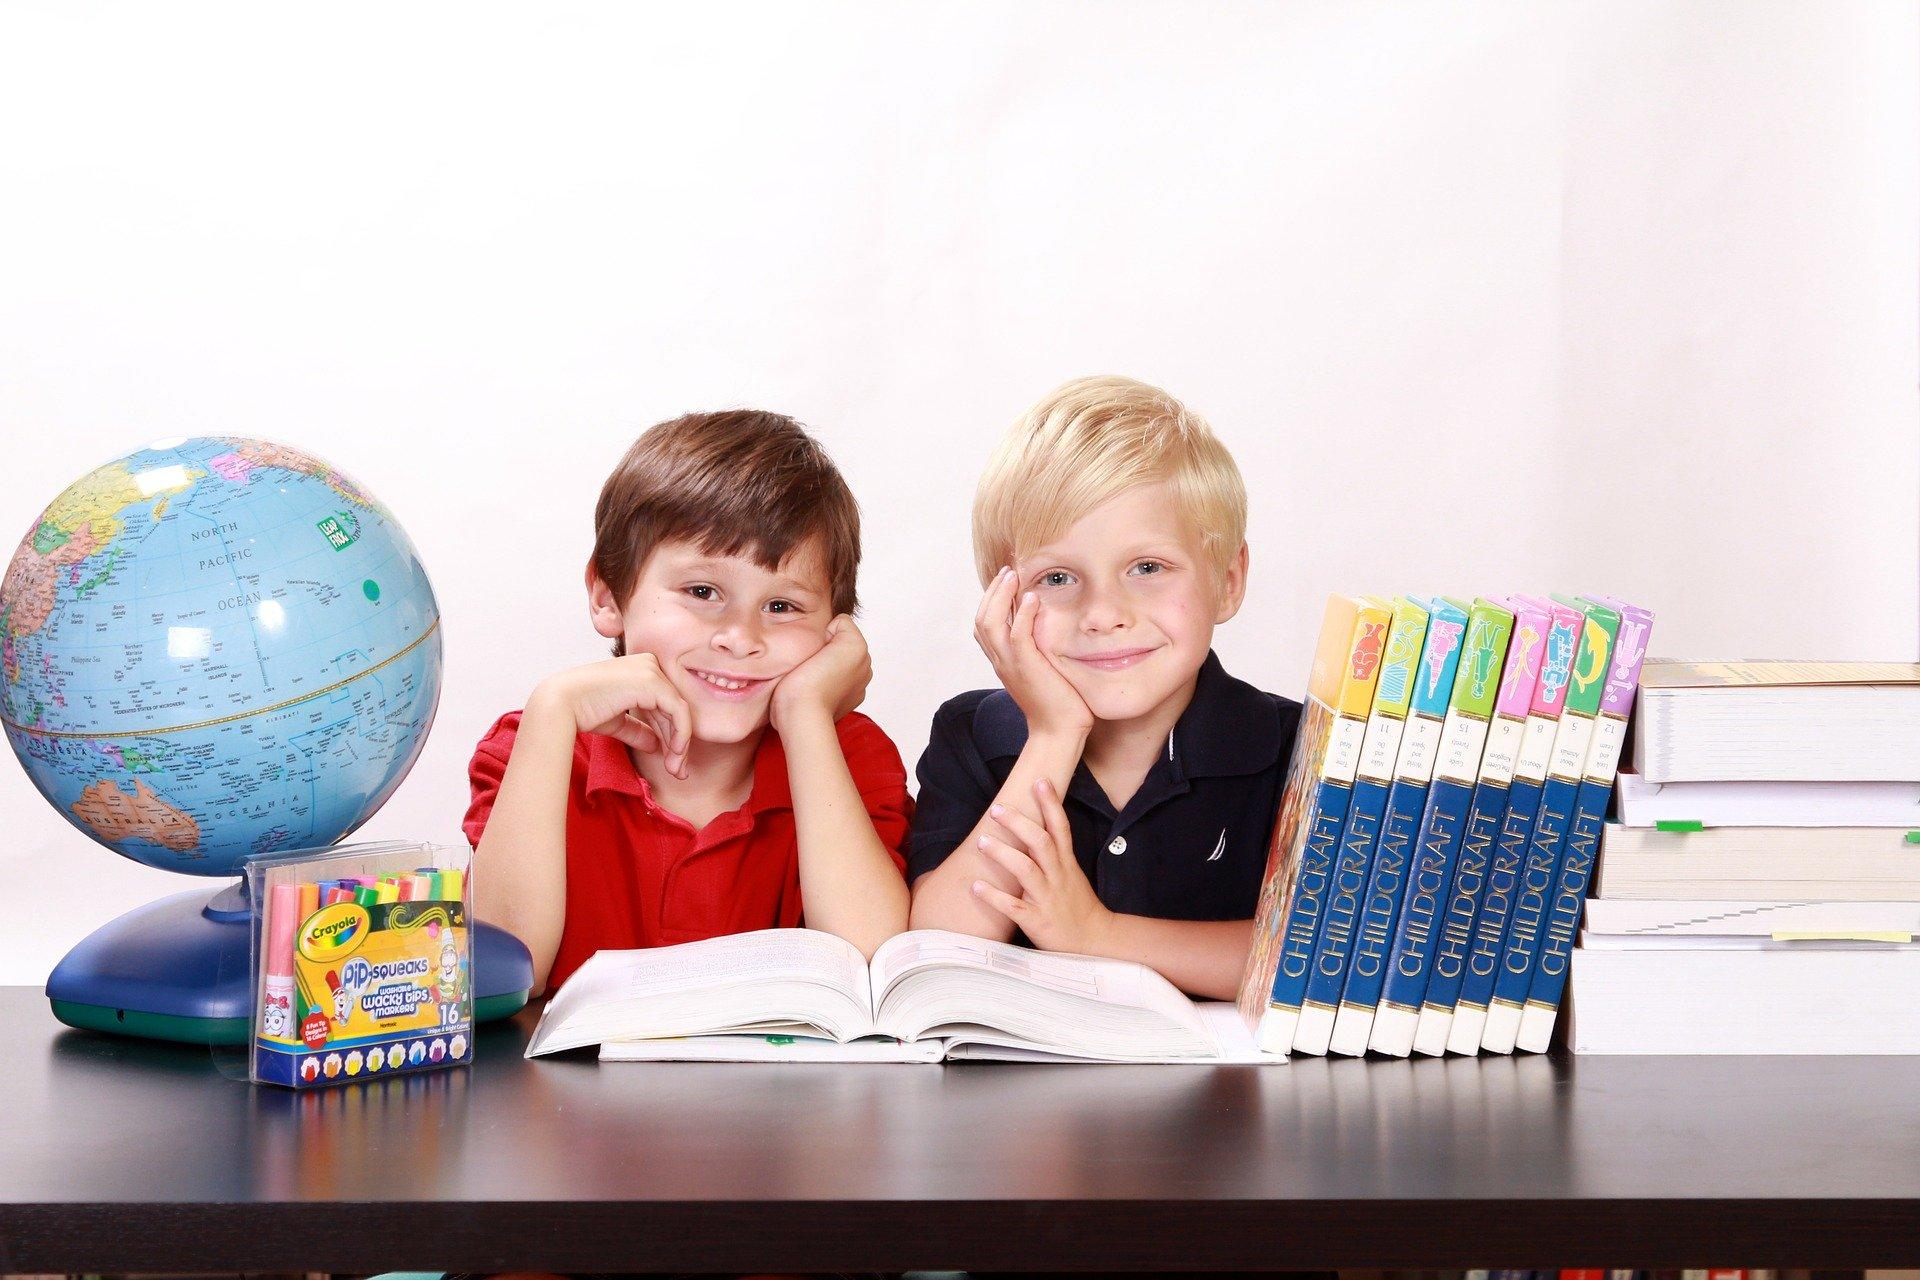 Especialistas querem escola a educar crianças para consumo e publicidade